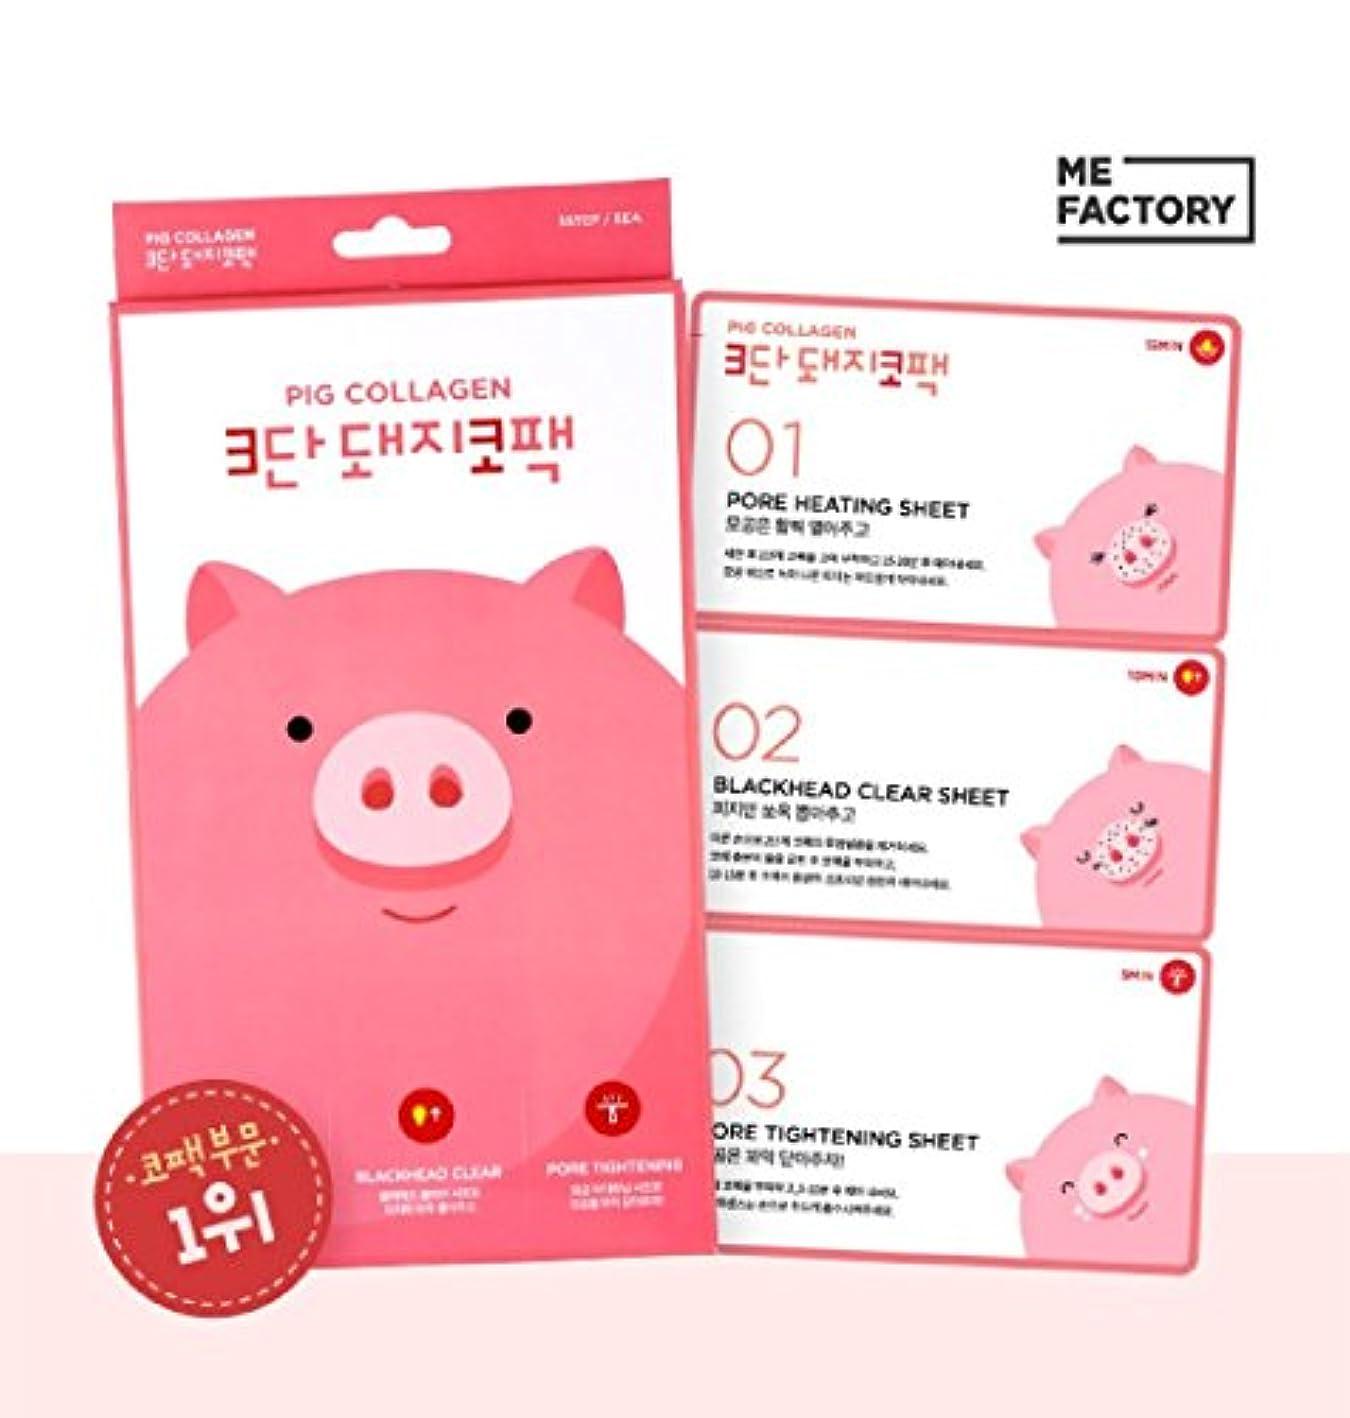 軍特性散らす【米ファクトリー/ me factory]韓国化粧品/ Me Factory Pig Collagen 3 Step Kit Pig Nose Mask Pack X 5 Piece/米ファクトリー3段豚コペク(5枚)フィジー...